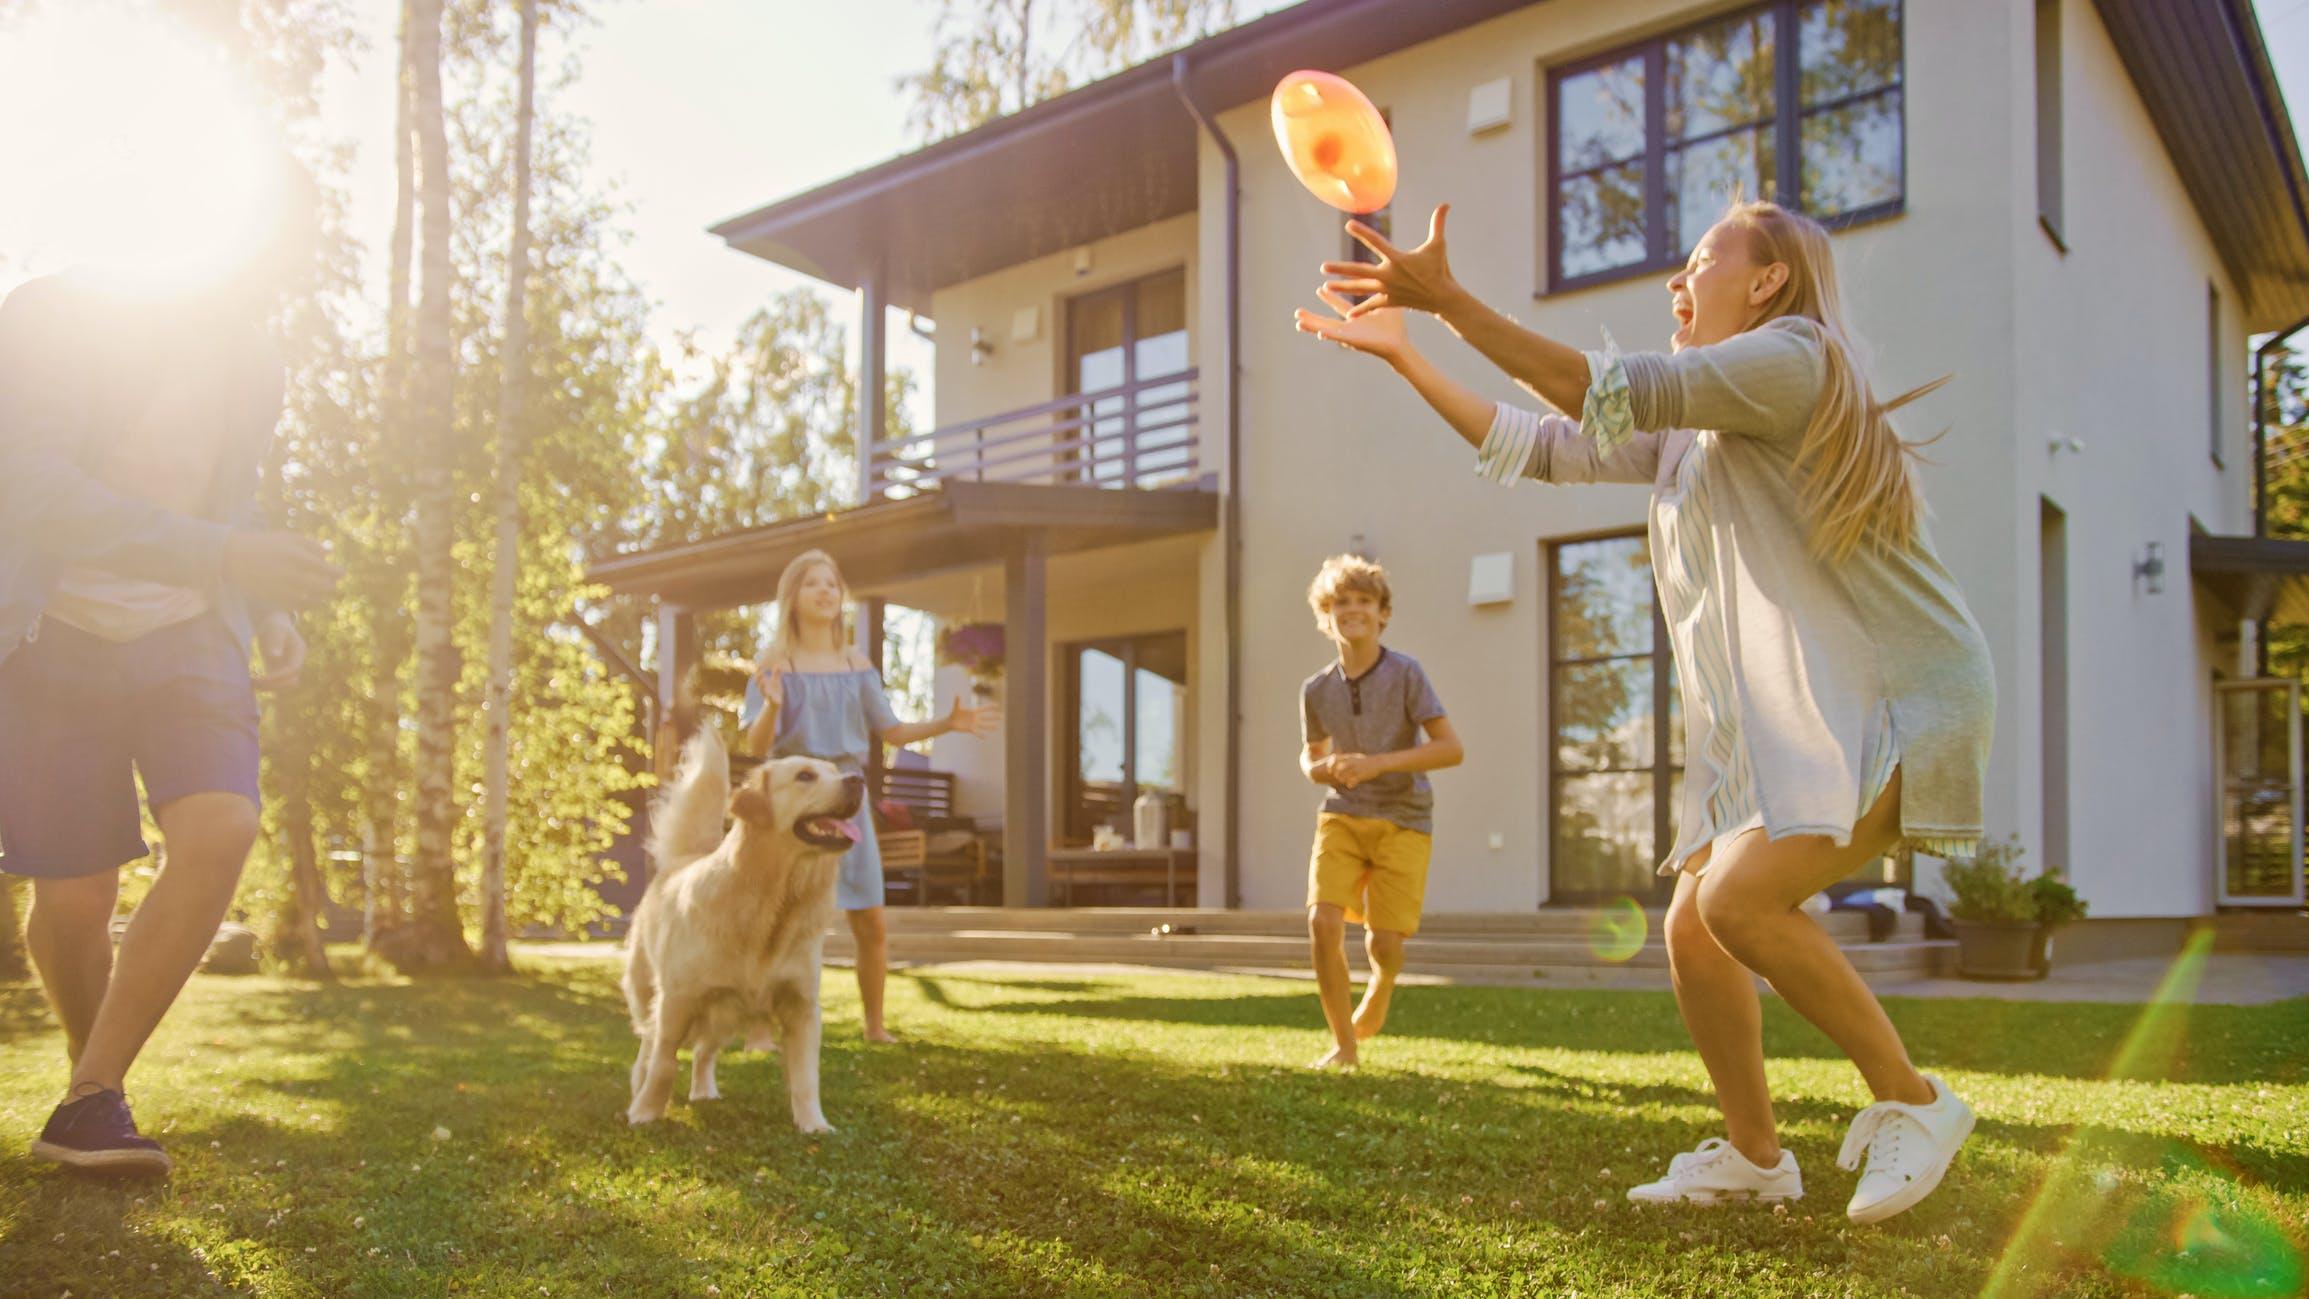 Szczęśliwy dom... czyli jaki? Badania Otodom i SWPS Innowacje.